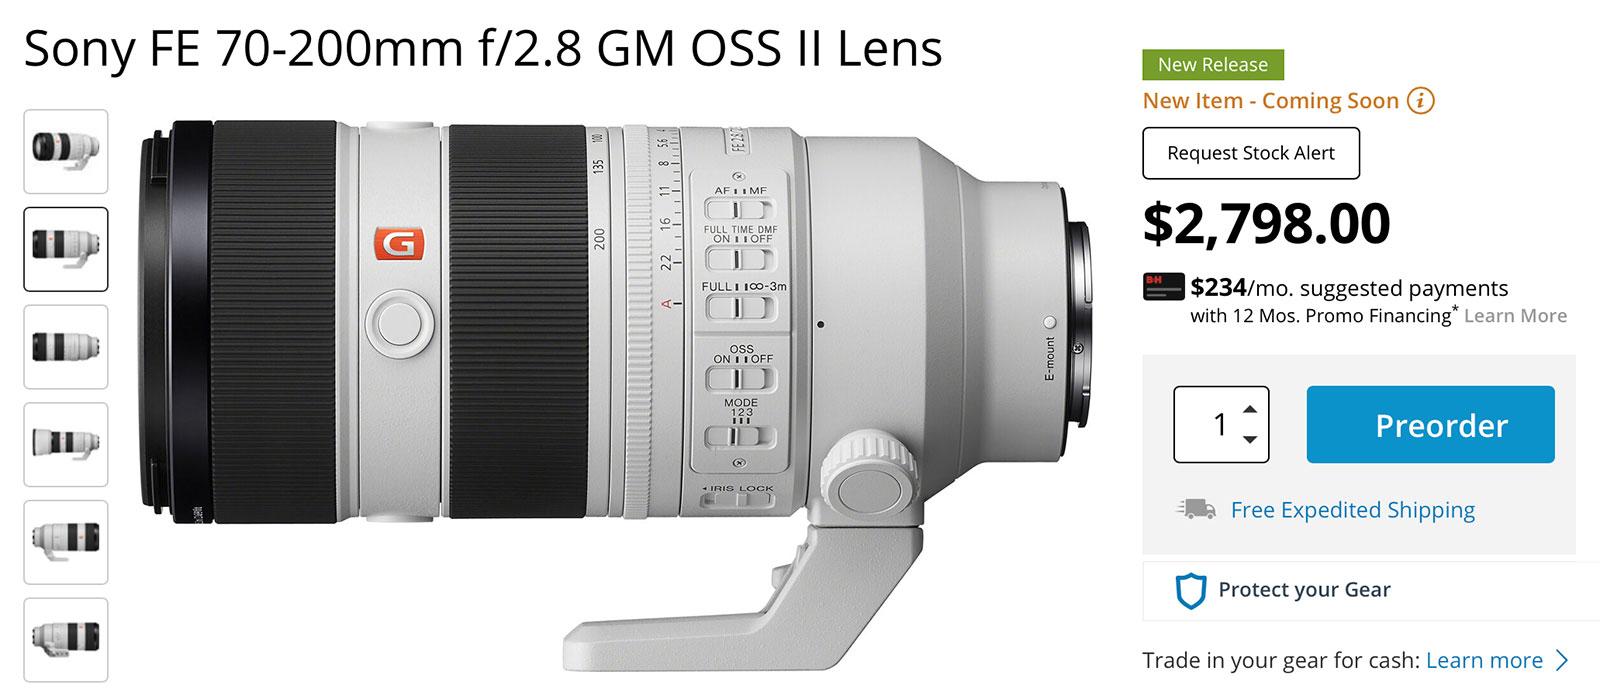 Sony FE 70-200mm f/2.8 GM OSS II Lens